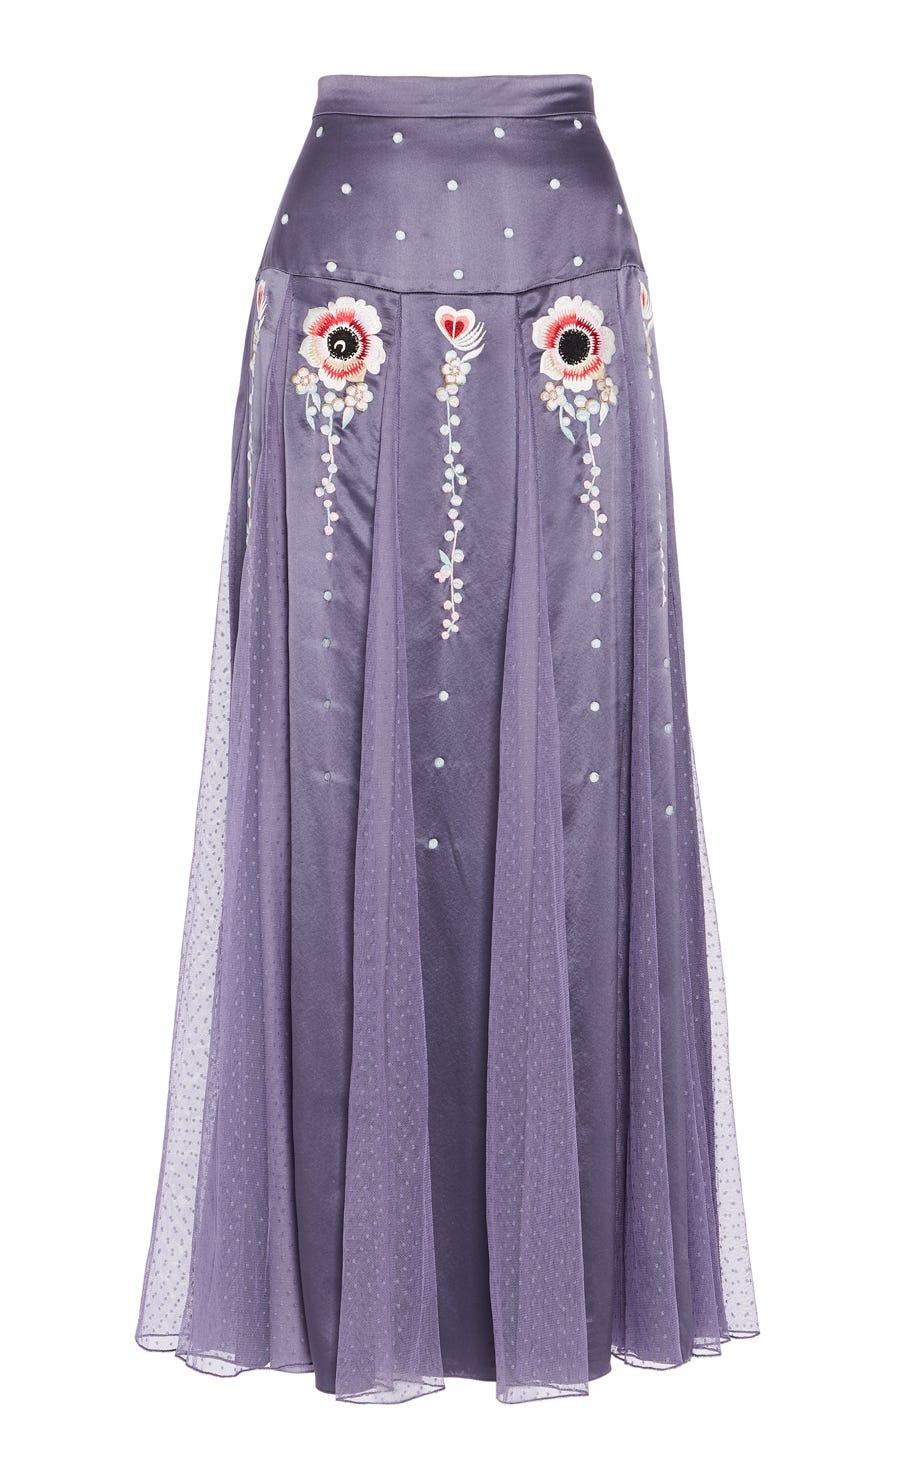 Firebird Skirt